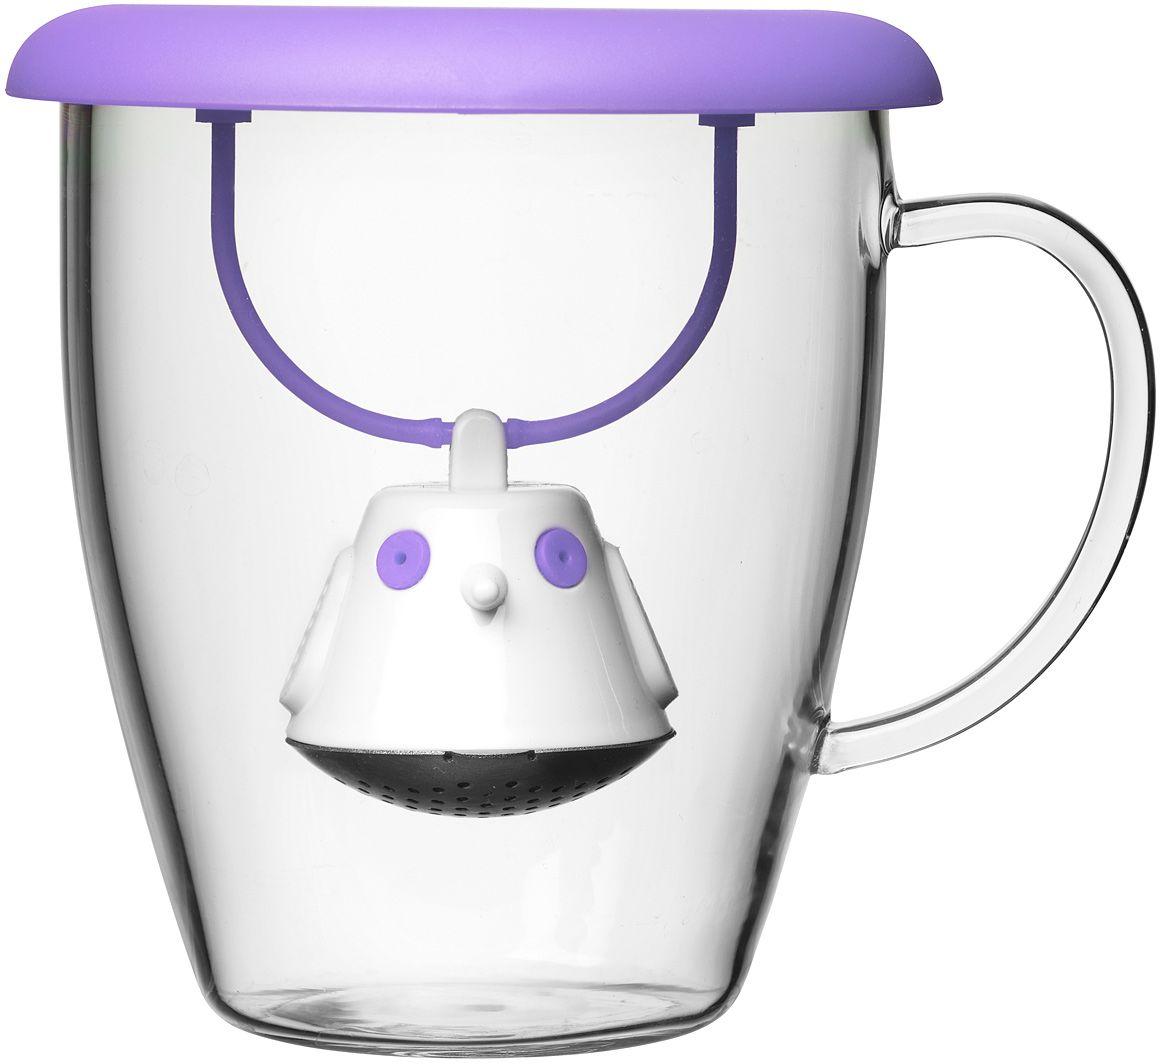 Кружка QDO Birdie Swing Nest, с емкостью для заваривания чая, цвет: фиолетовый567403Кружка с необычной емкостью для заваривания чая в виде птички. Снабжена крышкой для кружки, с помощью которой можно быстро и безопасно приготовить любимый напиток. Одним легким движением откройте стальной фильтр, наполните его необходимым количеством чайных листьев, так же легко закройте и поместите в горячую воду. Крышка не только поможет чаю завариться быстрее, но и убережет ваши пальцы от возможного нагревания. Когда чай готов, просто поднимите крышку, переверните и положите на стол. Вся жидкость с заварника будет стекать в нее, как в поднос - очень удобно. Объем кружки - 400 мл. Материал кружки - жароустойчивое боросиликатное стекло. Материал емкости - нержавеющая сталь и пластик без содержания бисфенола-А. Можно мыть в посудомоечной машине.